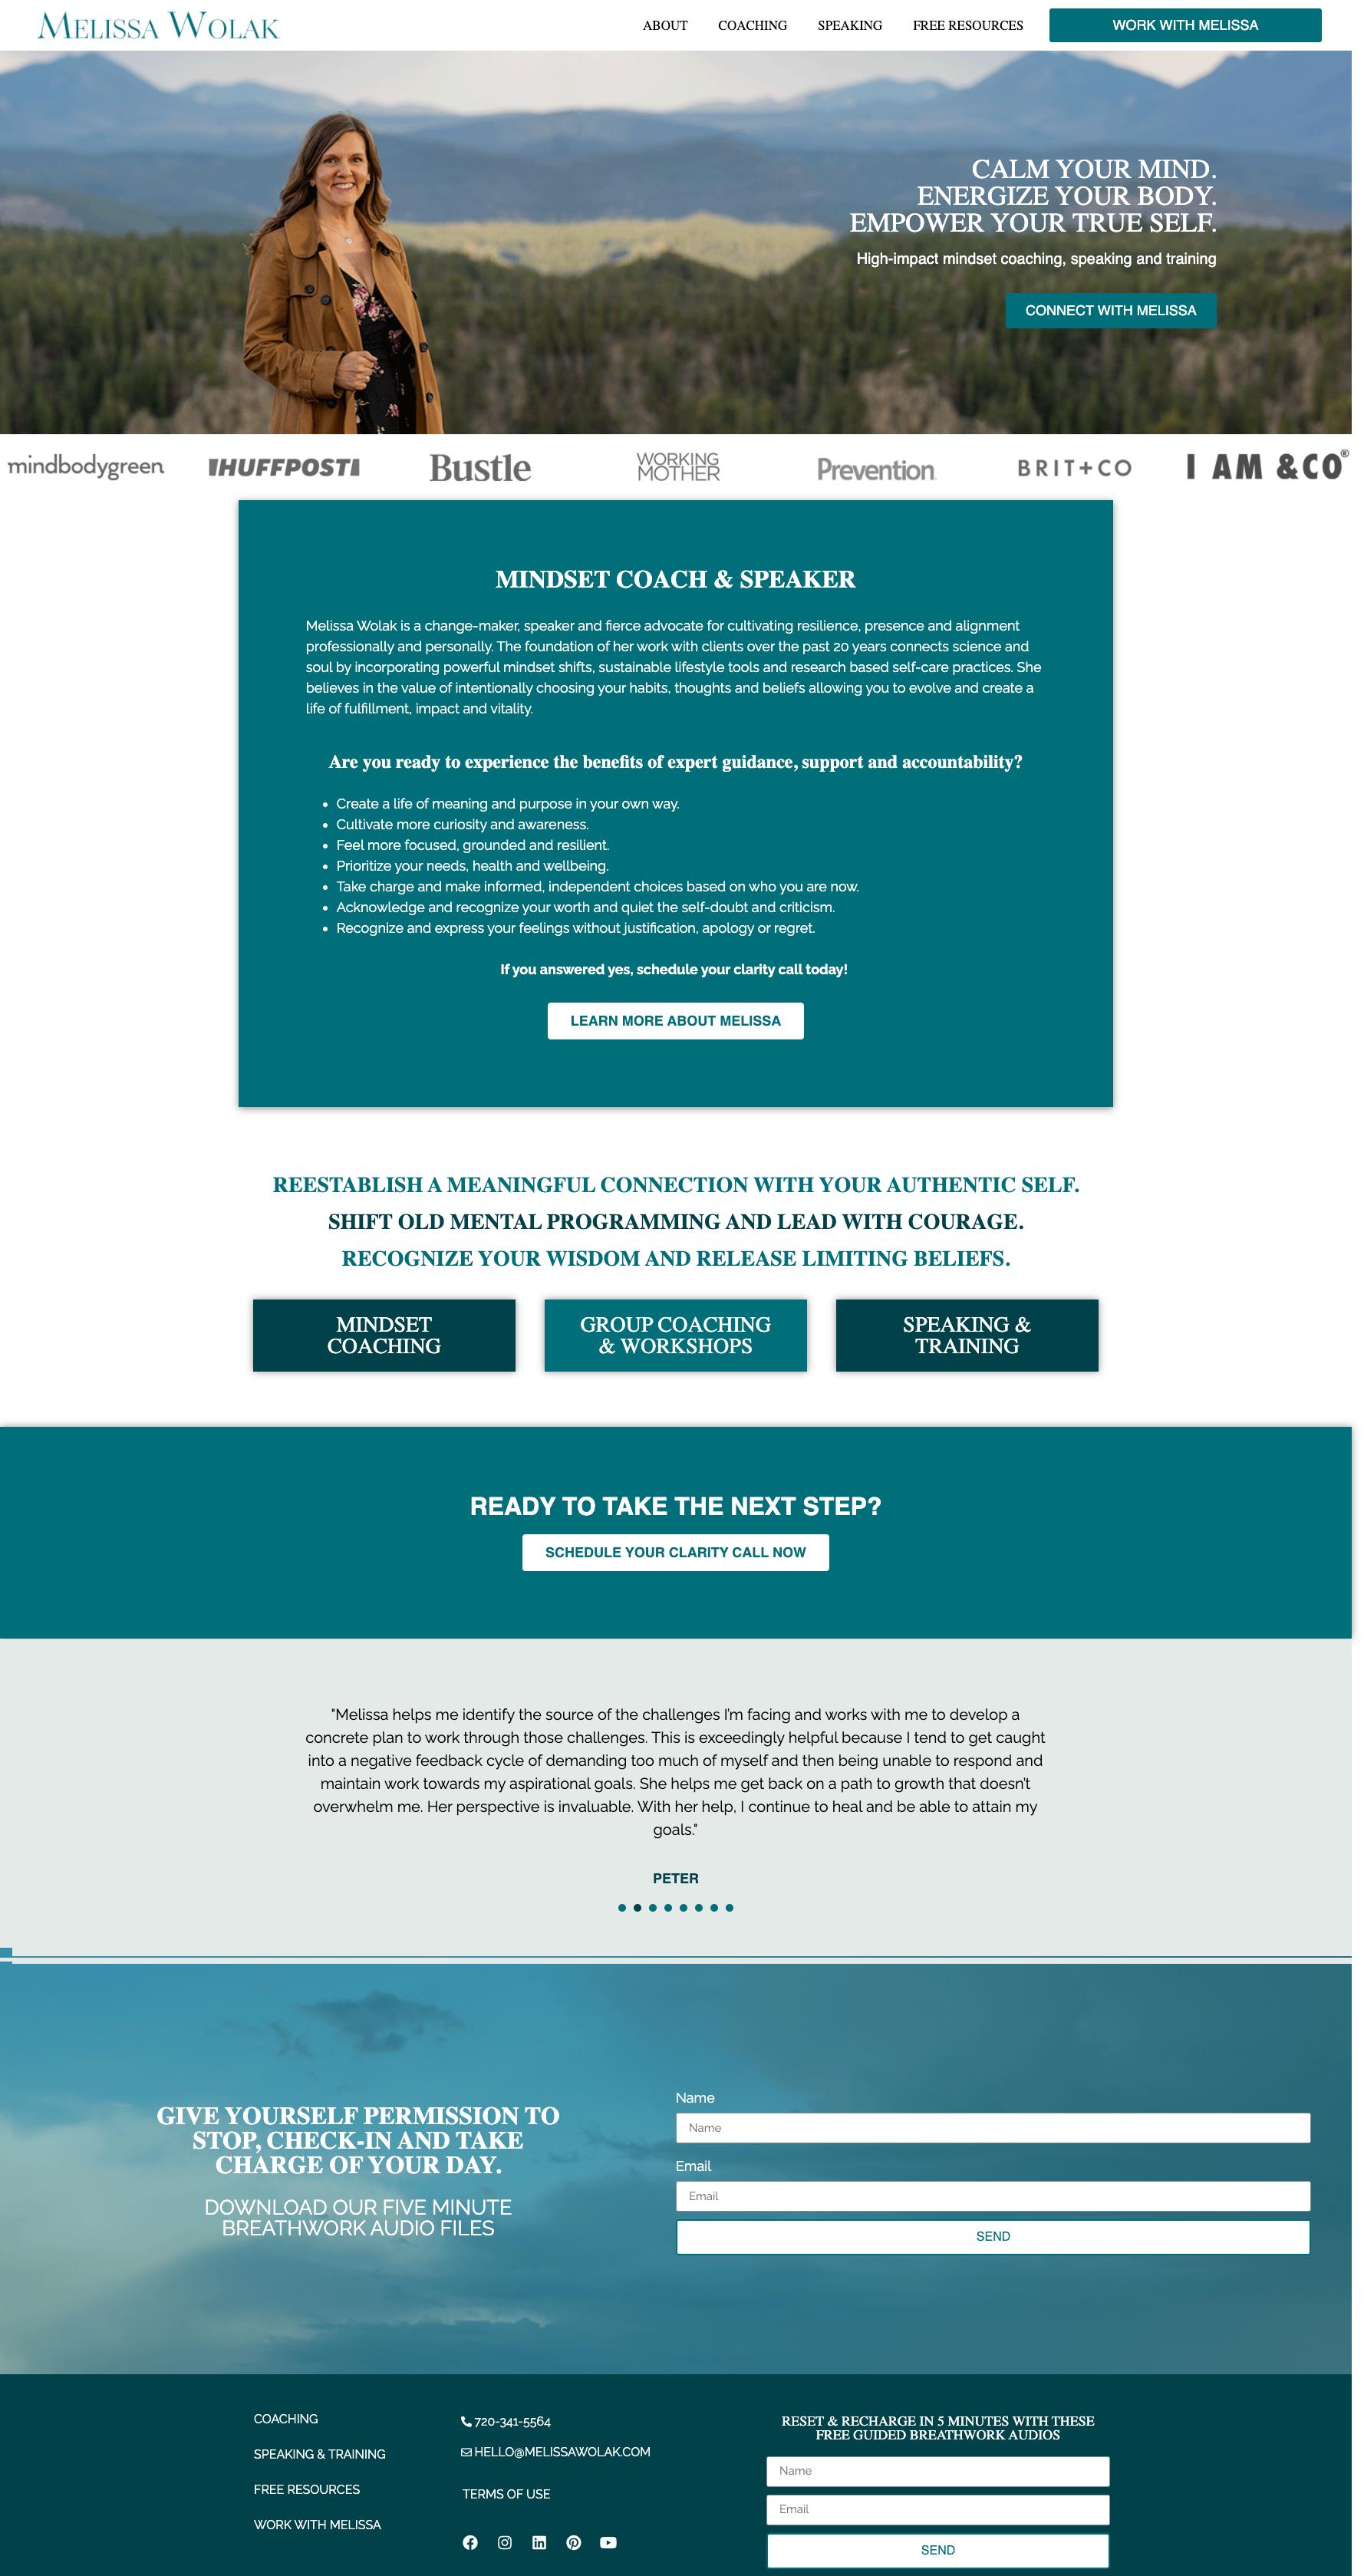 Melissa Wolak - Mindset Coaching Website